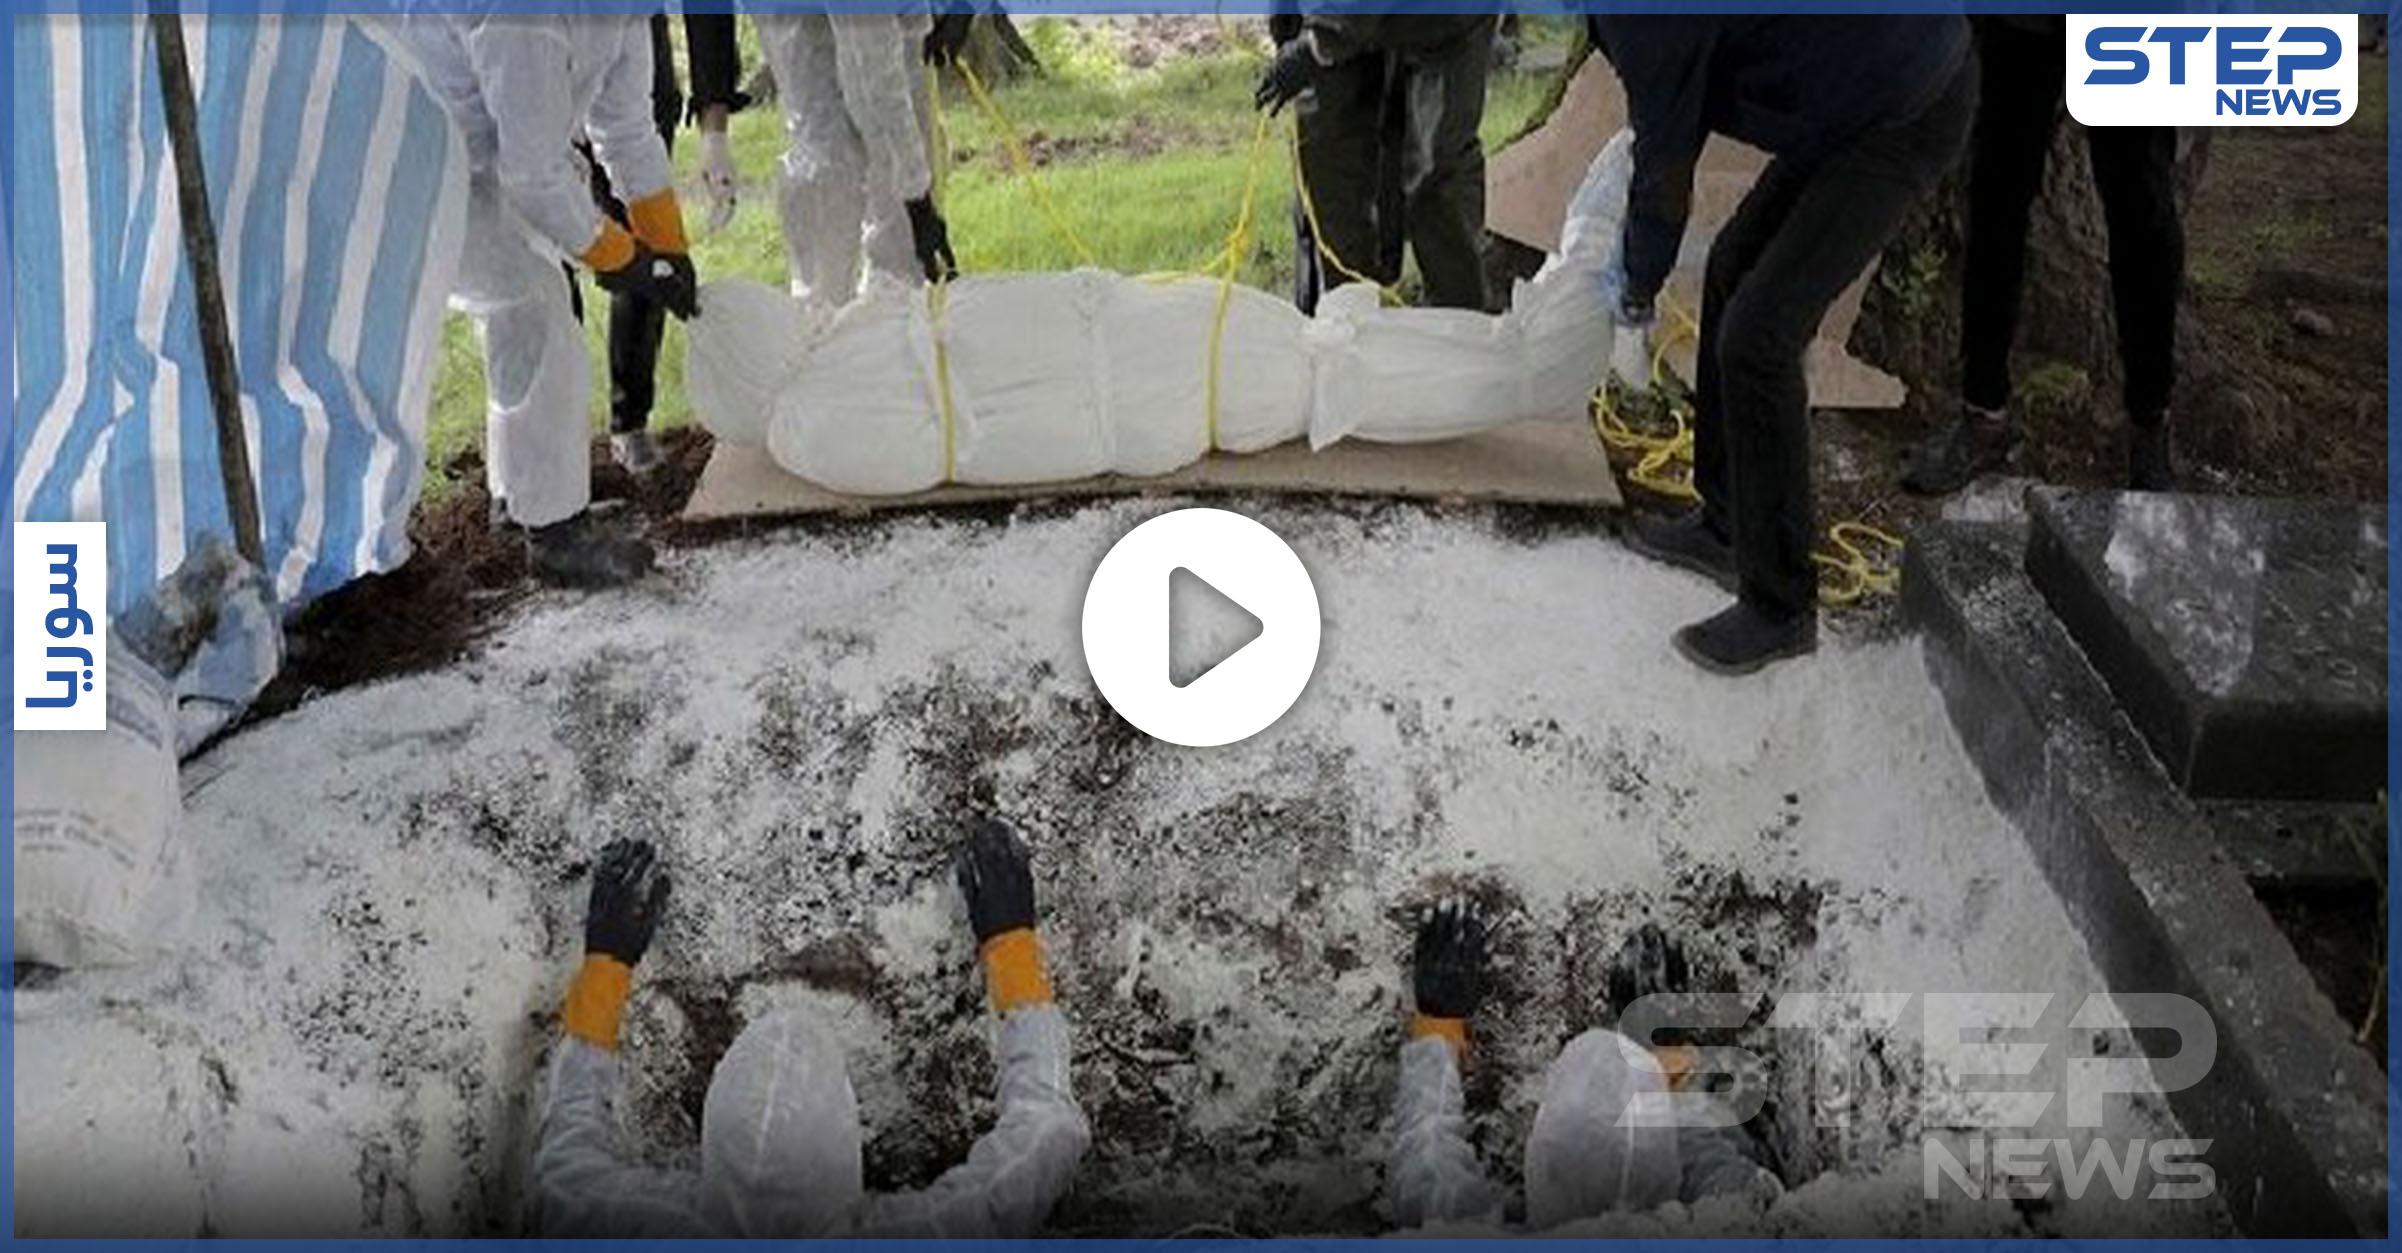 مصدر من مكتب دفن الموتى في دمشق يكشف أعداد الوفيات